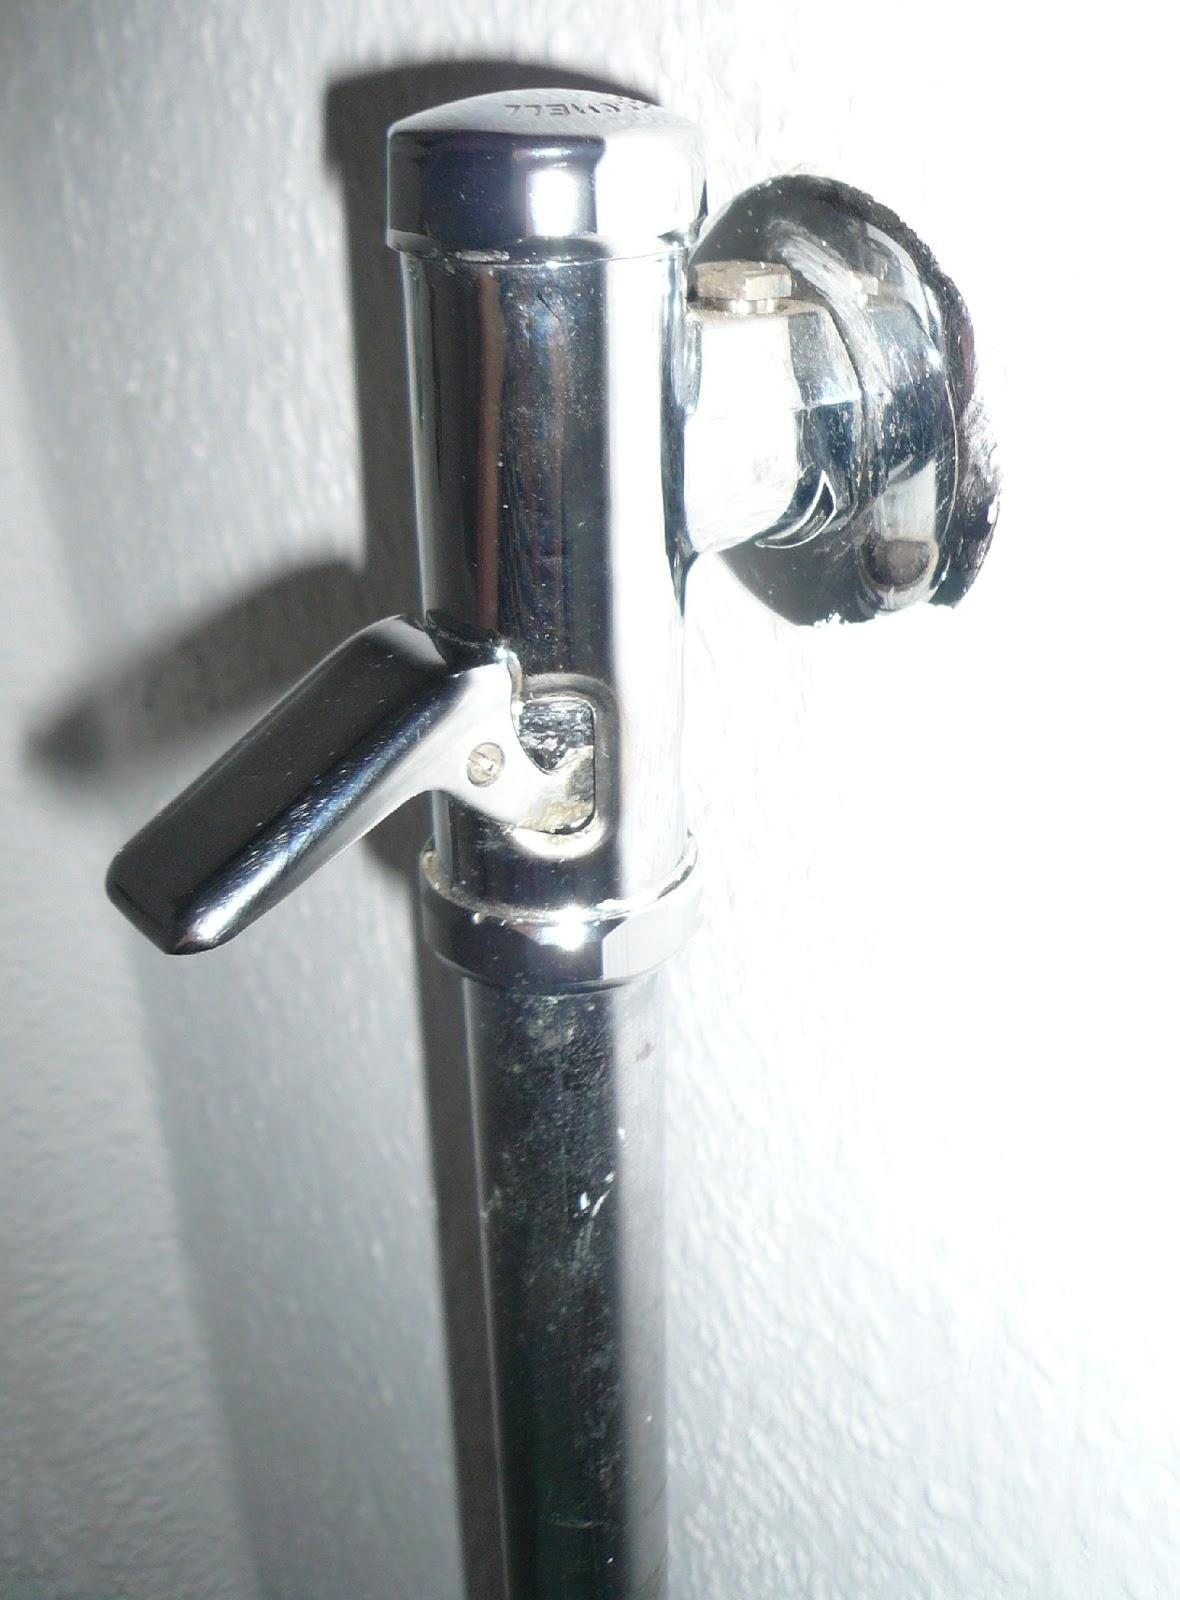 gisi 39 s blog von tag zu tag meine reparatur am wc. Black Bedroom Furniture Sets. Home Design Ideas